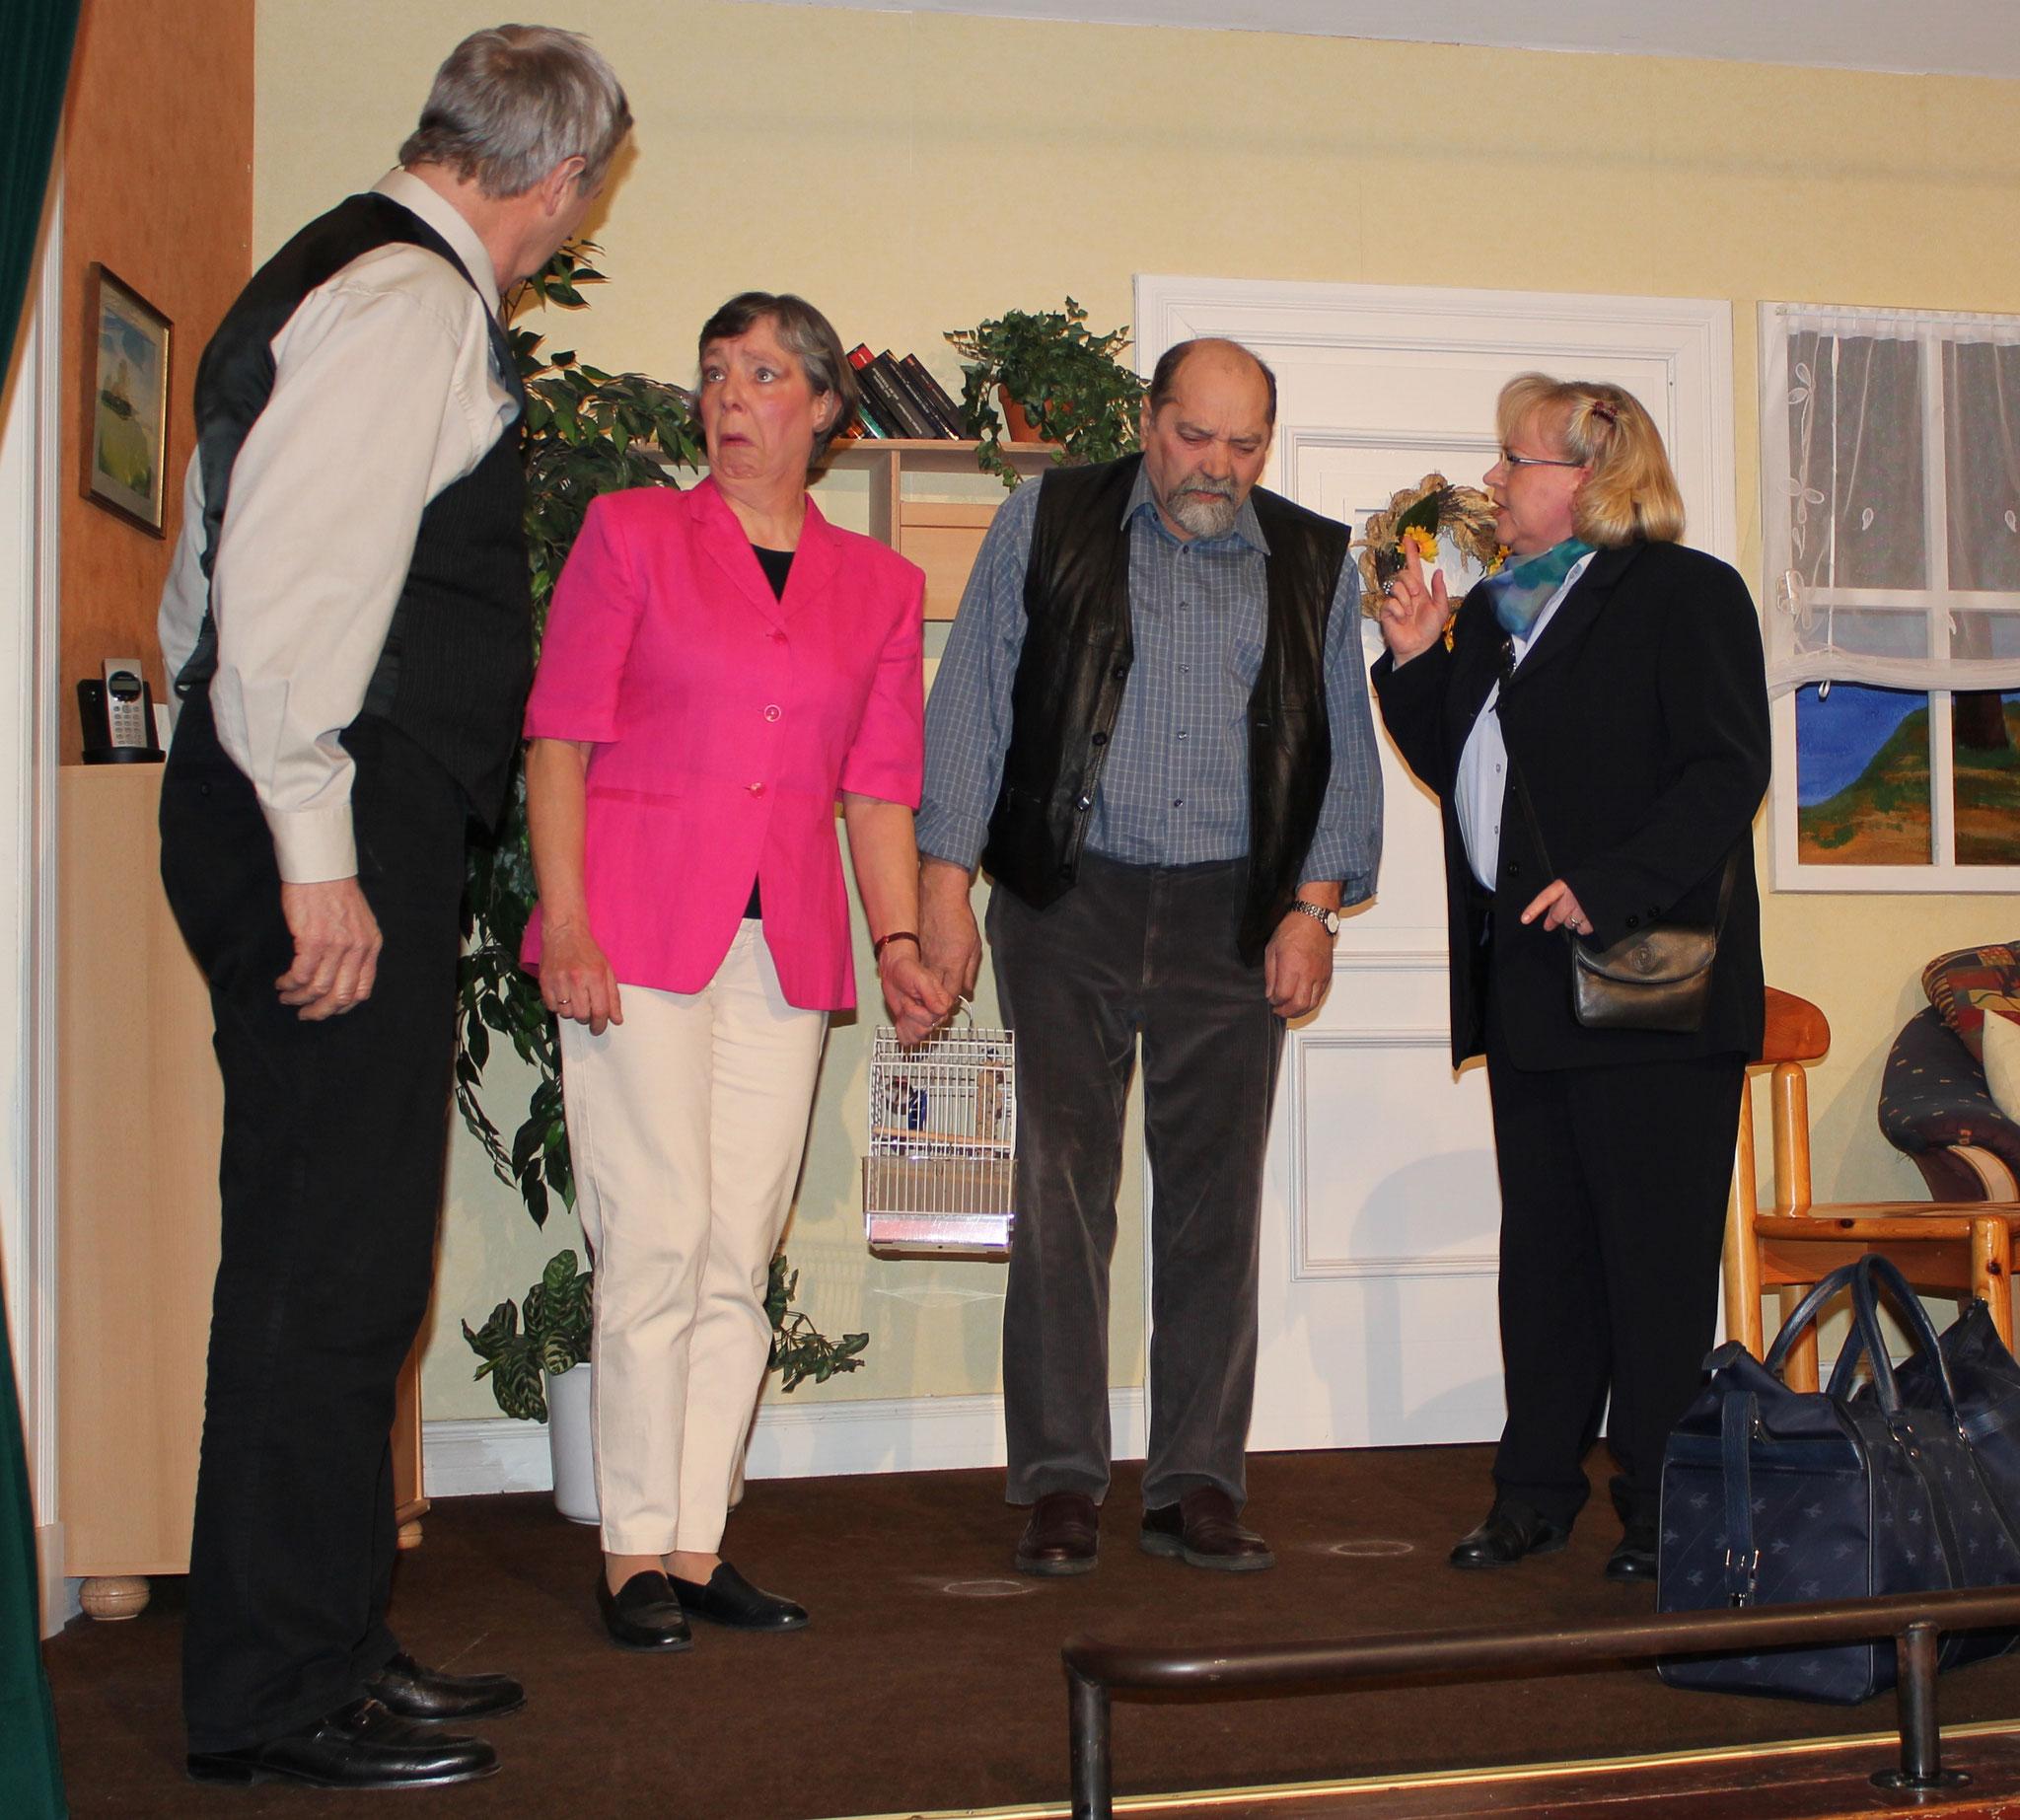 Wilke Visser, Frauke Willrodt, Jochen Besler, Maike Baasch